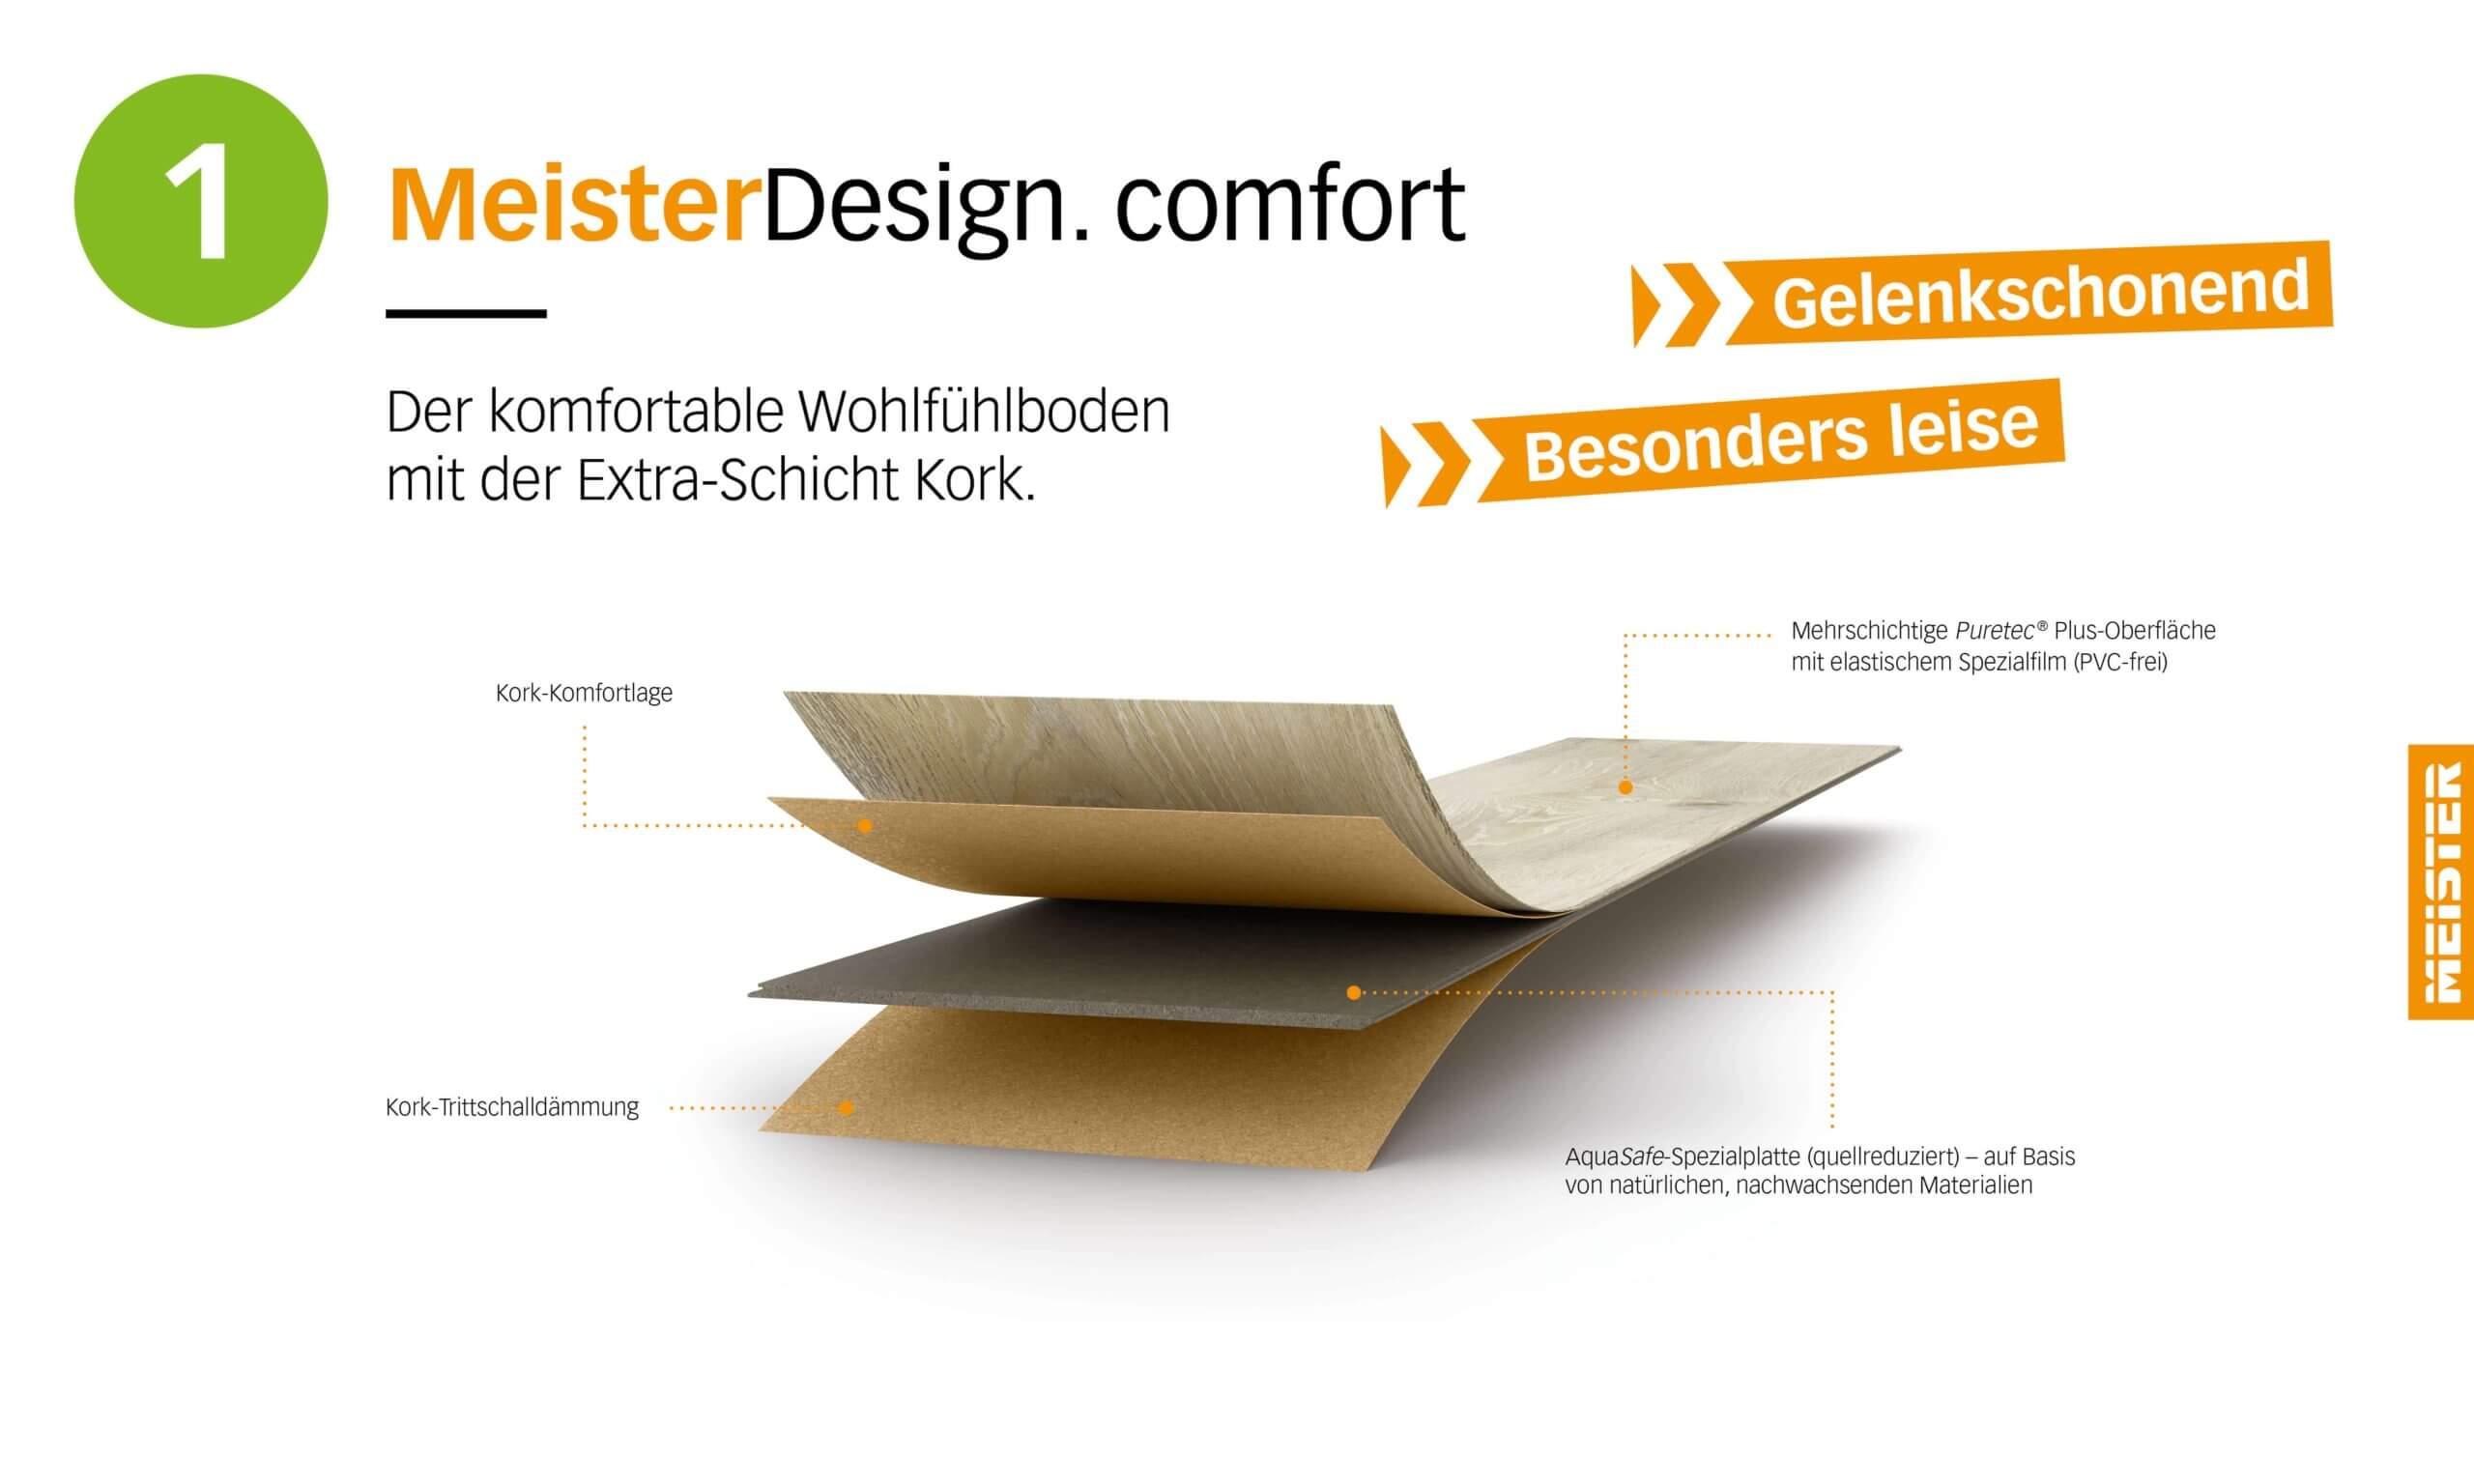 MeisterDesign_comfort_Produktaufbauten